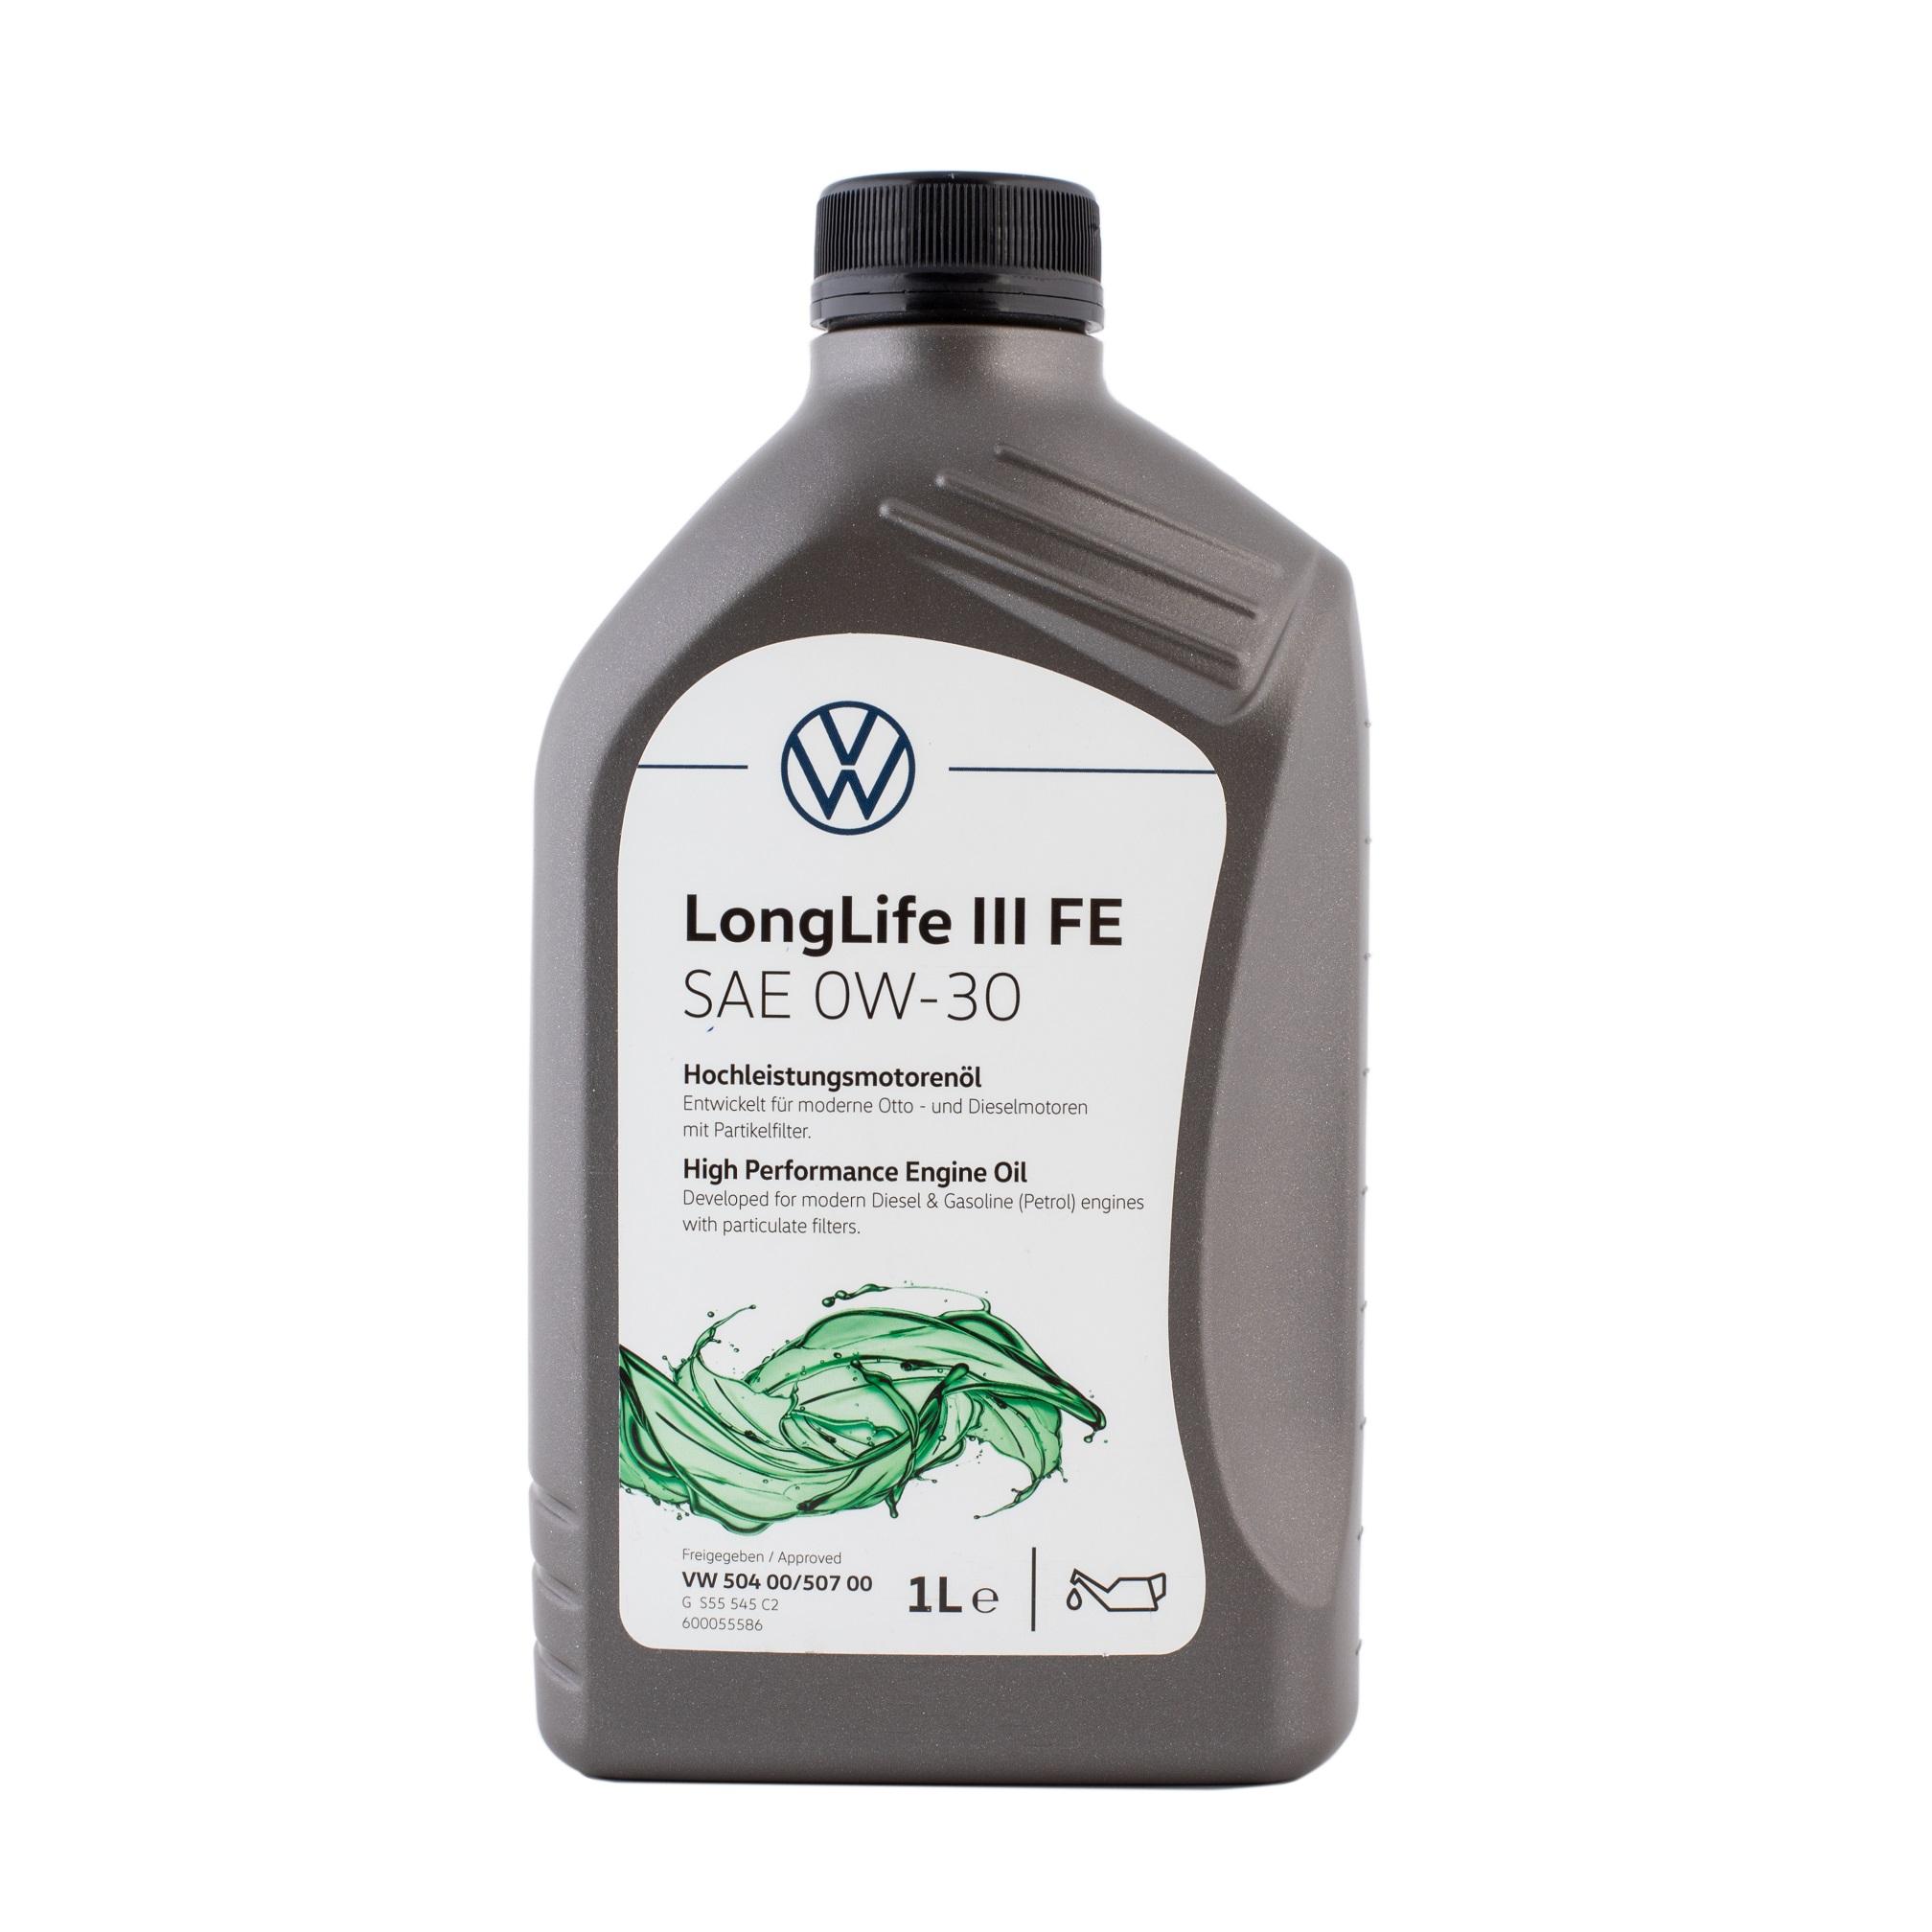 Volkswagen Việt Nam ra mắt dòng nhớt chính hãng hoàn toàn mới dong-nhot-chinh-hang-hoan-toan-moi-volkswagen-long-life-iii-fe-sae-0w-30.jpg